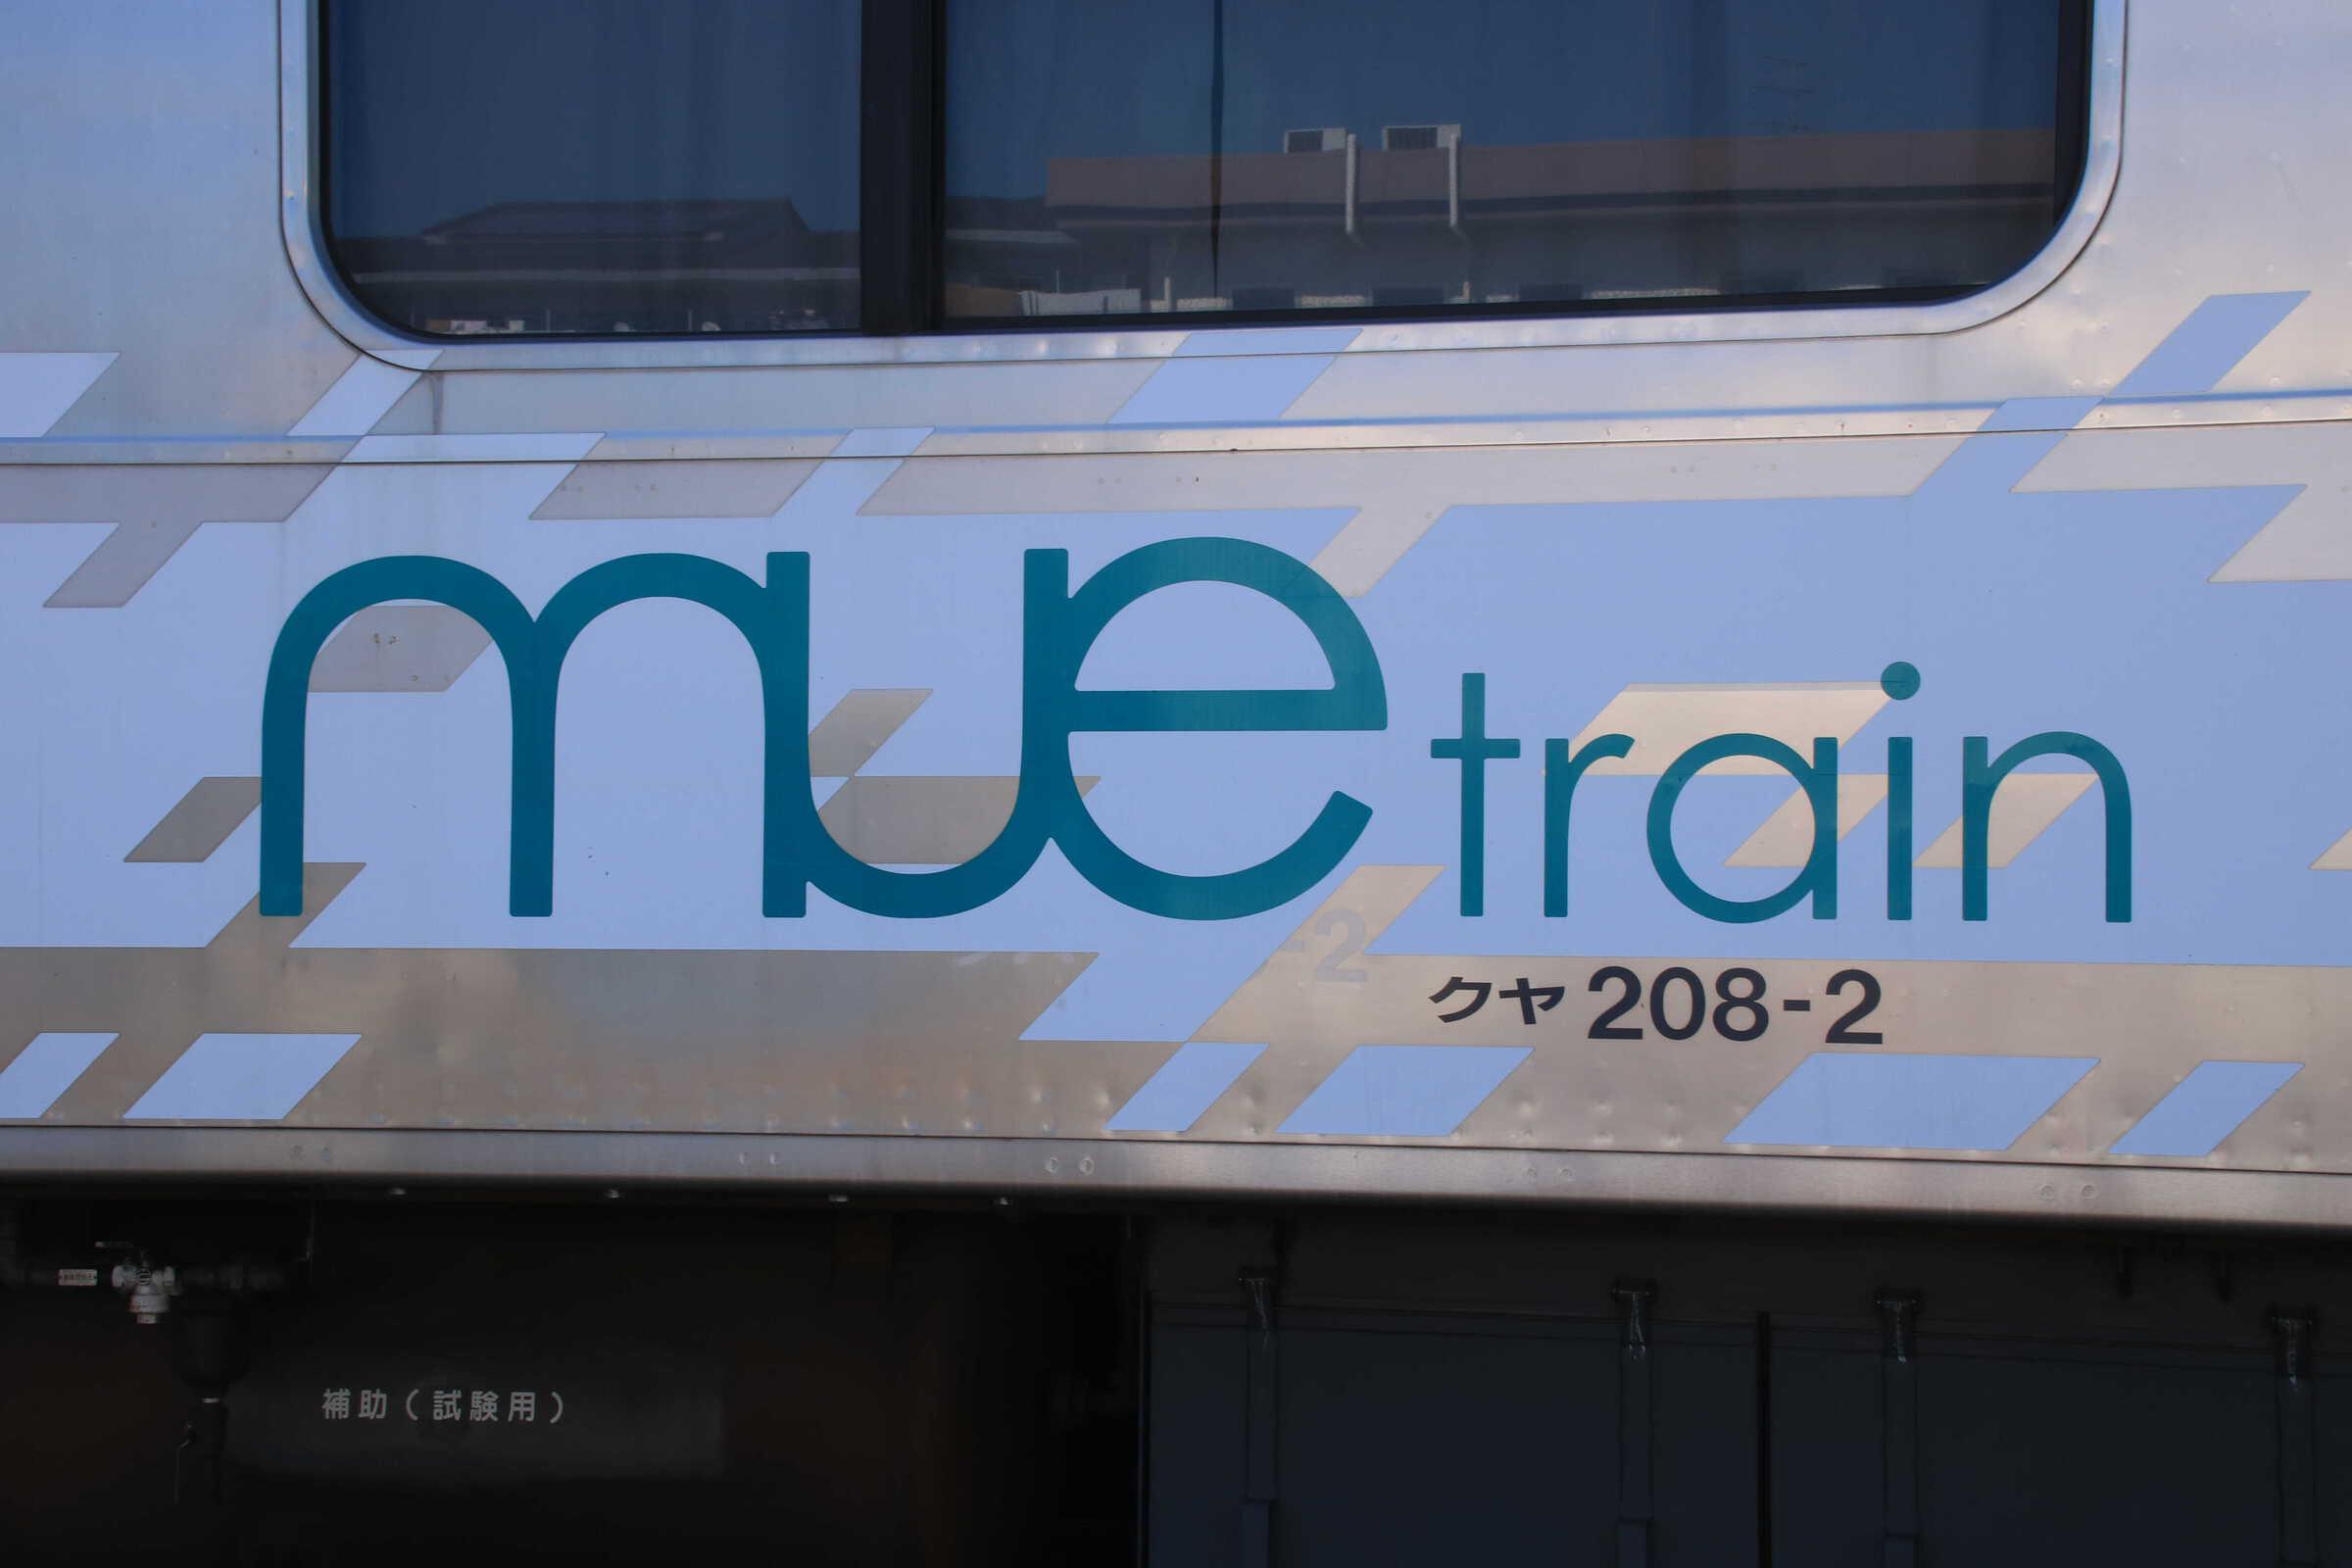 209系 Mue Train